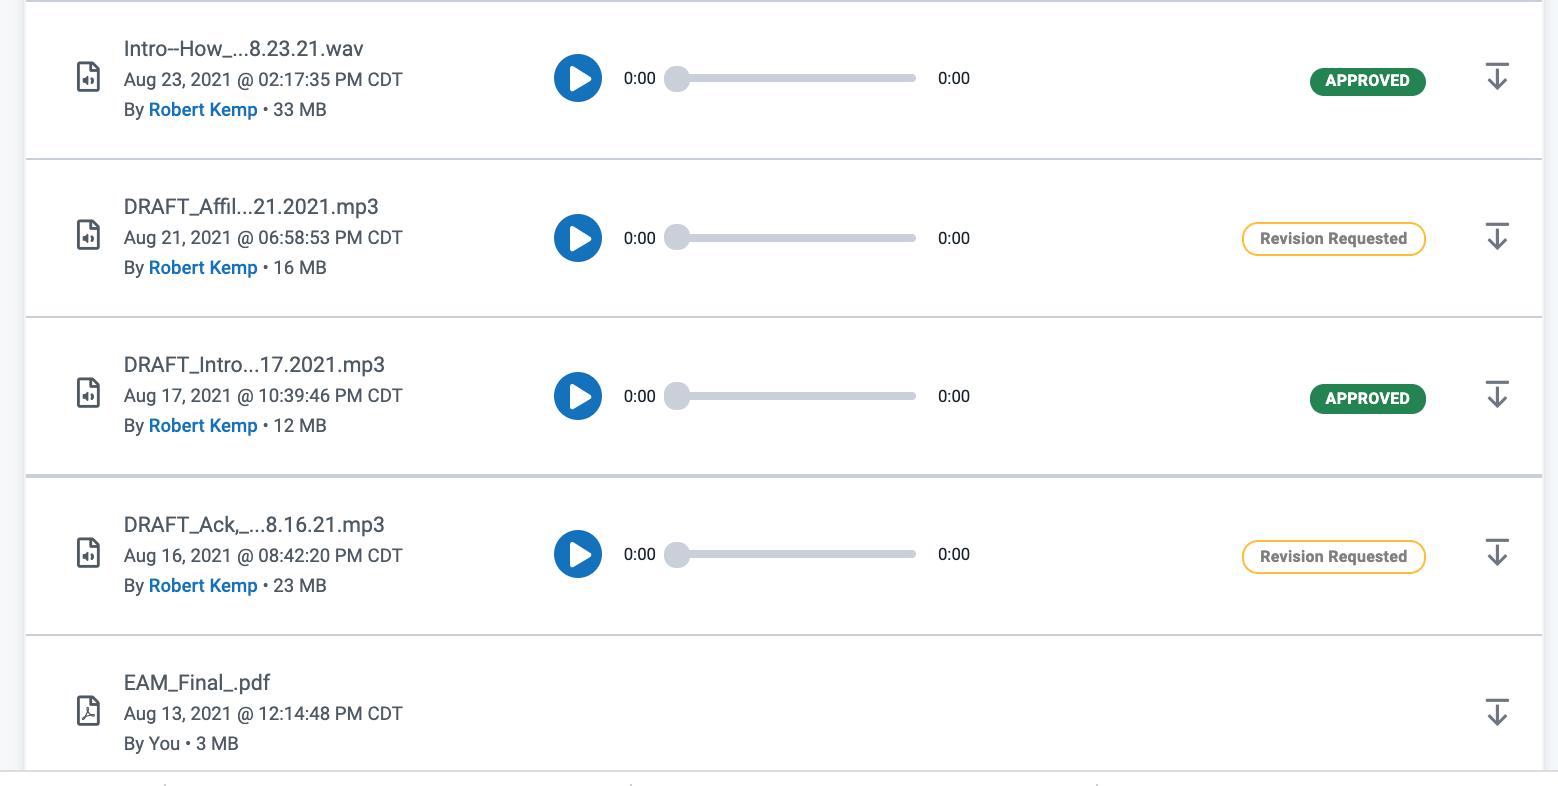 Voices.com review process